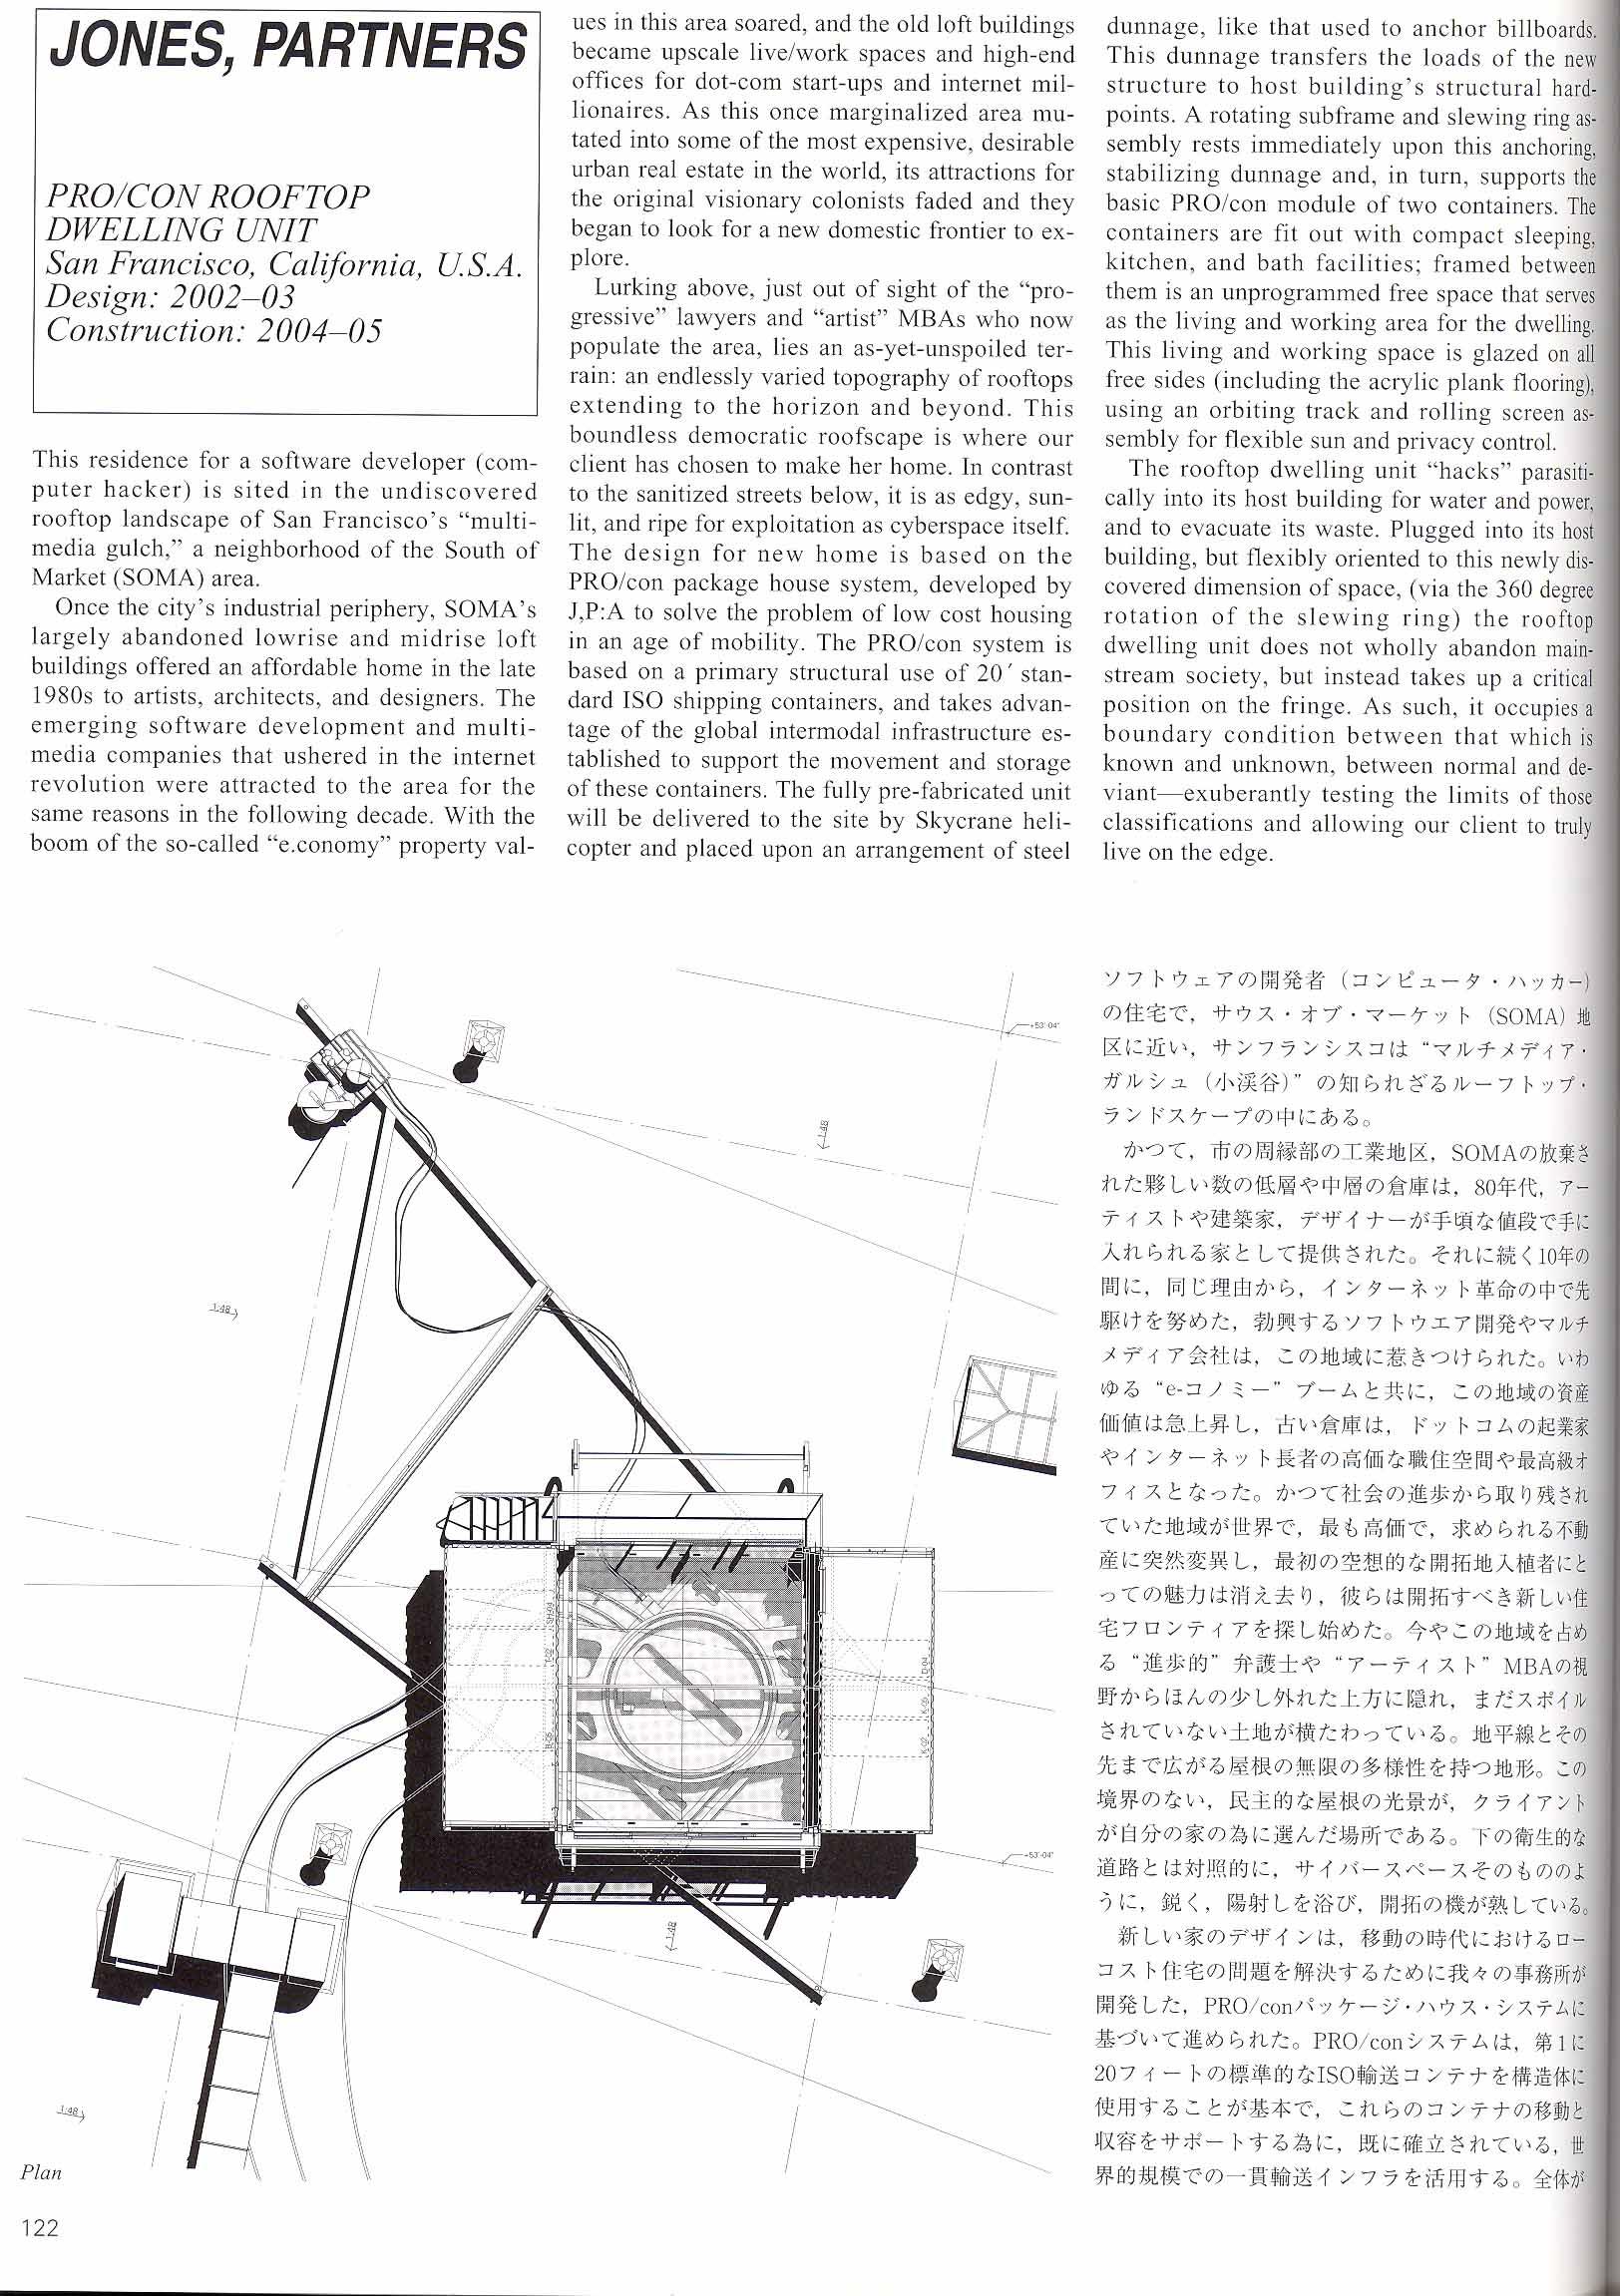 스캔0004(1).jpg